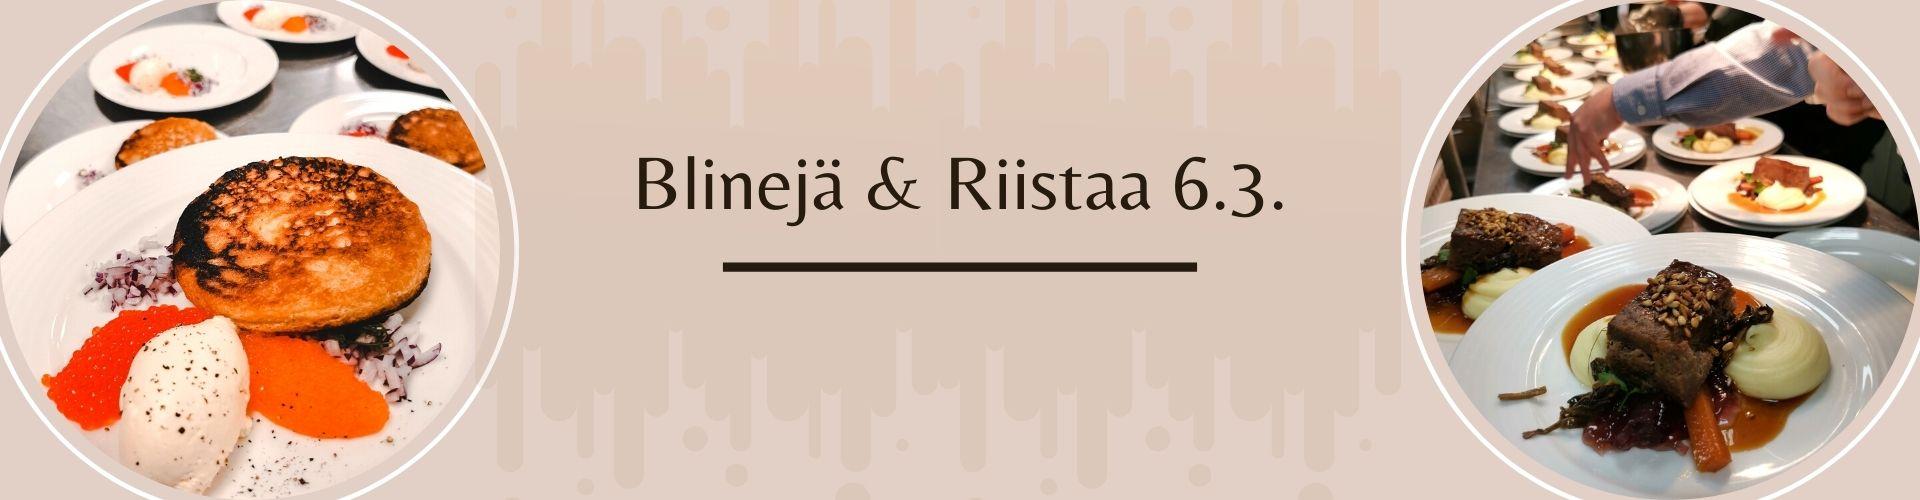 Blinejä & Riistaa 6.3.